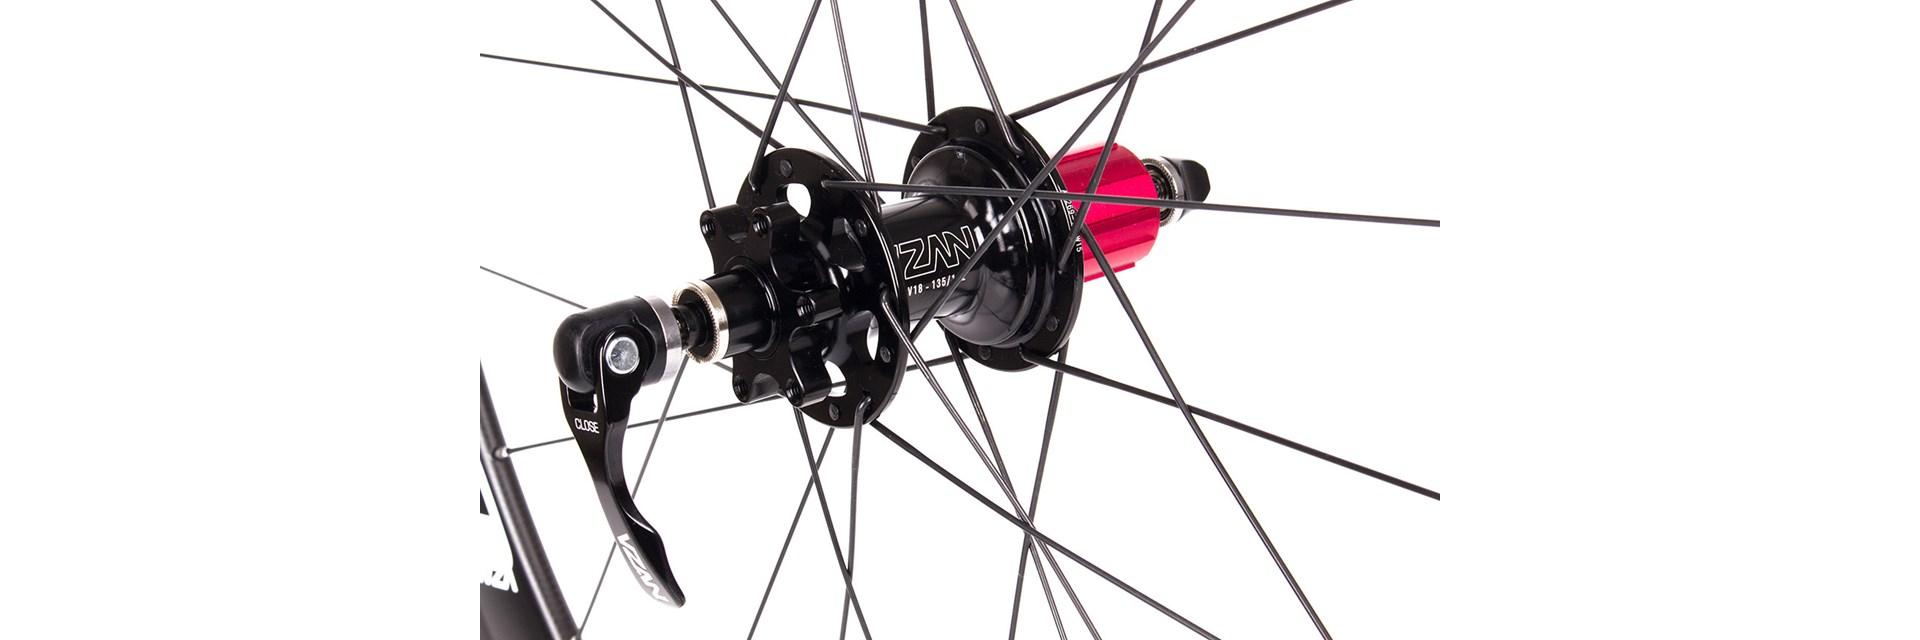 Roda Concept Concept 50T Disc